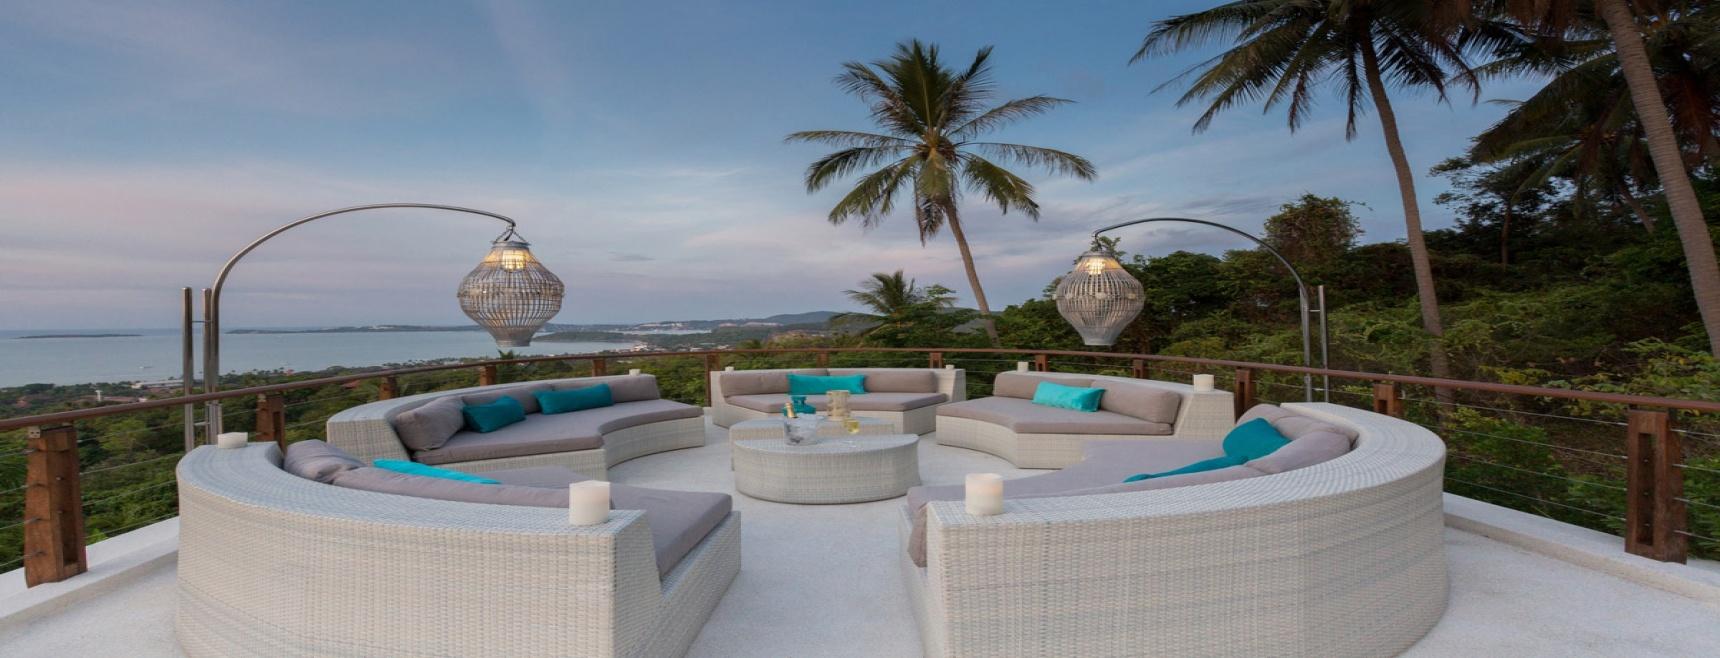 4 Bedrooms, Villa, Residential Sales, 5 Bathrooms, Listing ID 1405, Bophut, North East, Koh Samui,